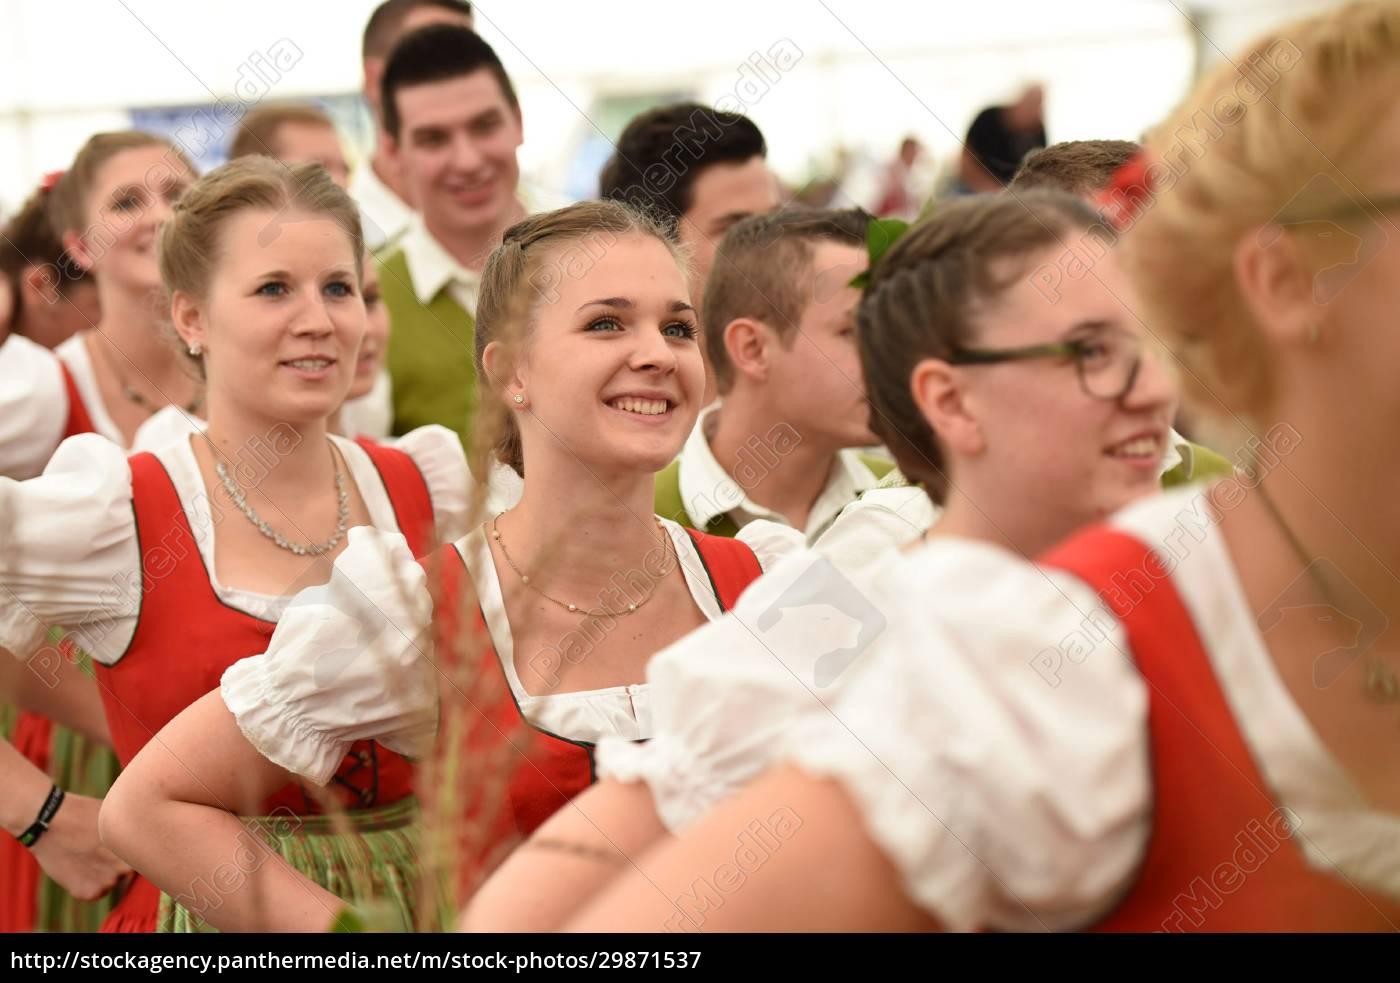 Öffentliche, aufführung, traditioneller, österreichischer, volkstänze, beim - 29871537